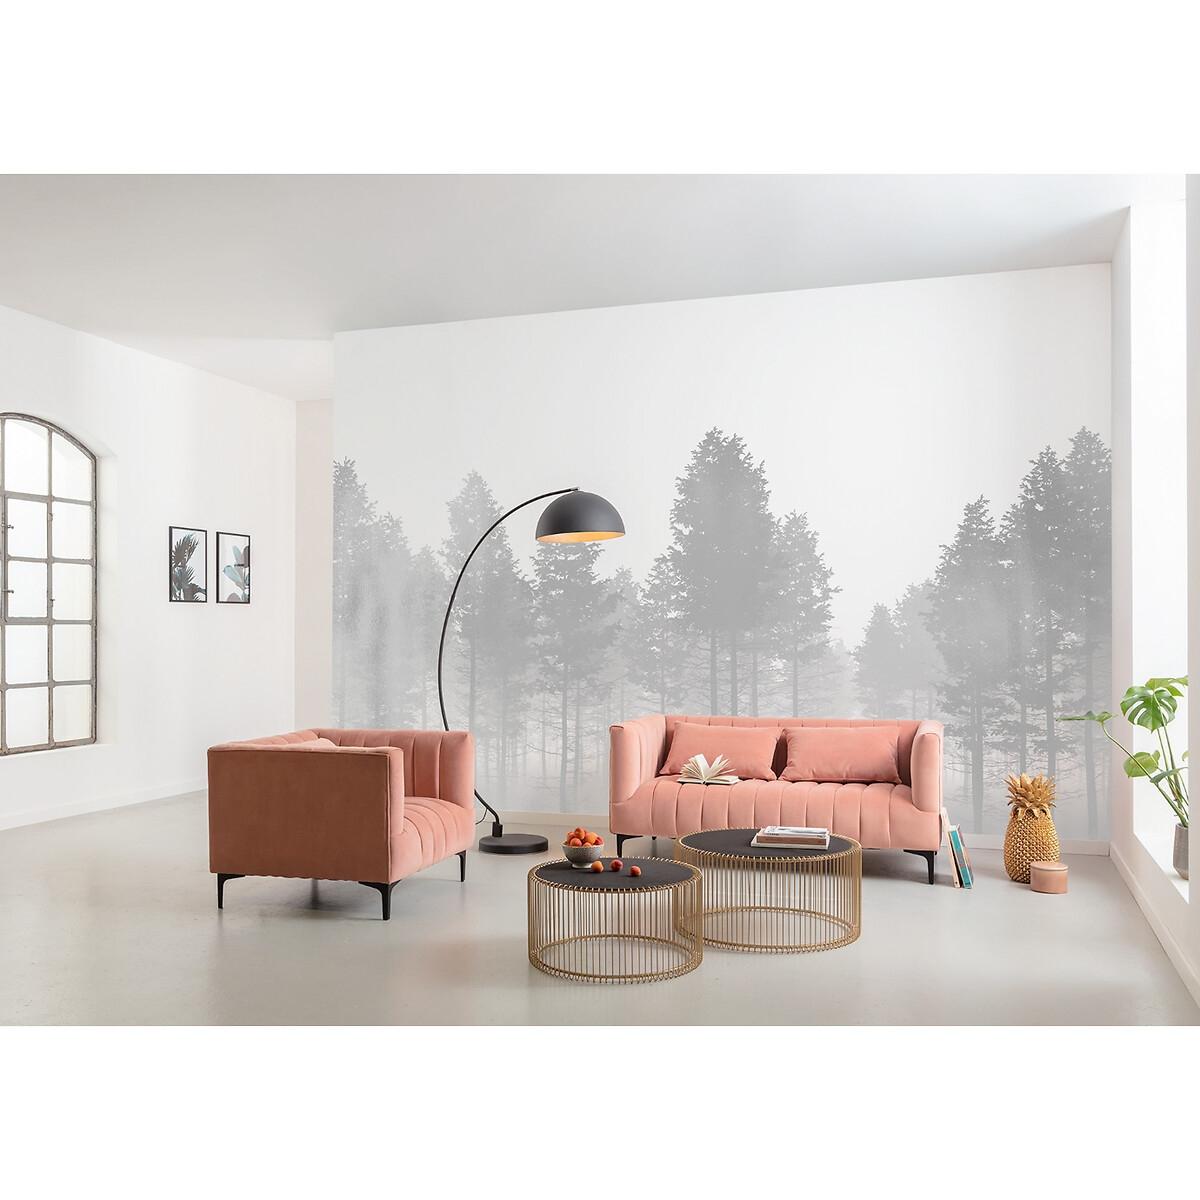 INTERELIFE - Interelife Papel de parede foto mural Silver Haze, da Interelife